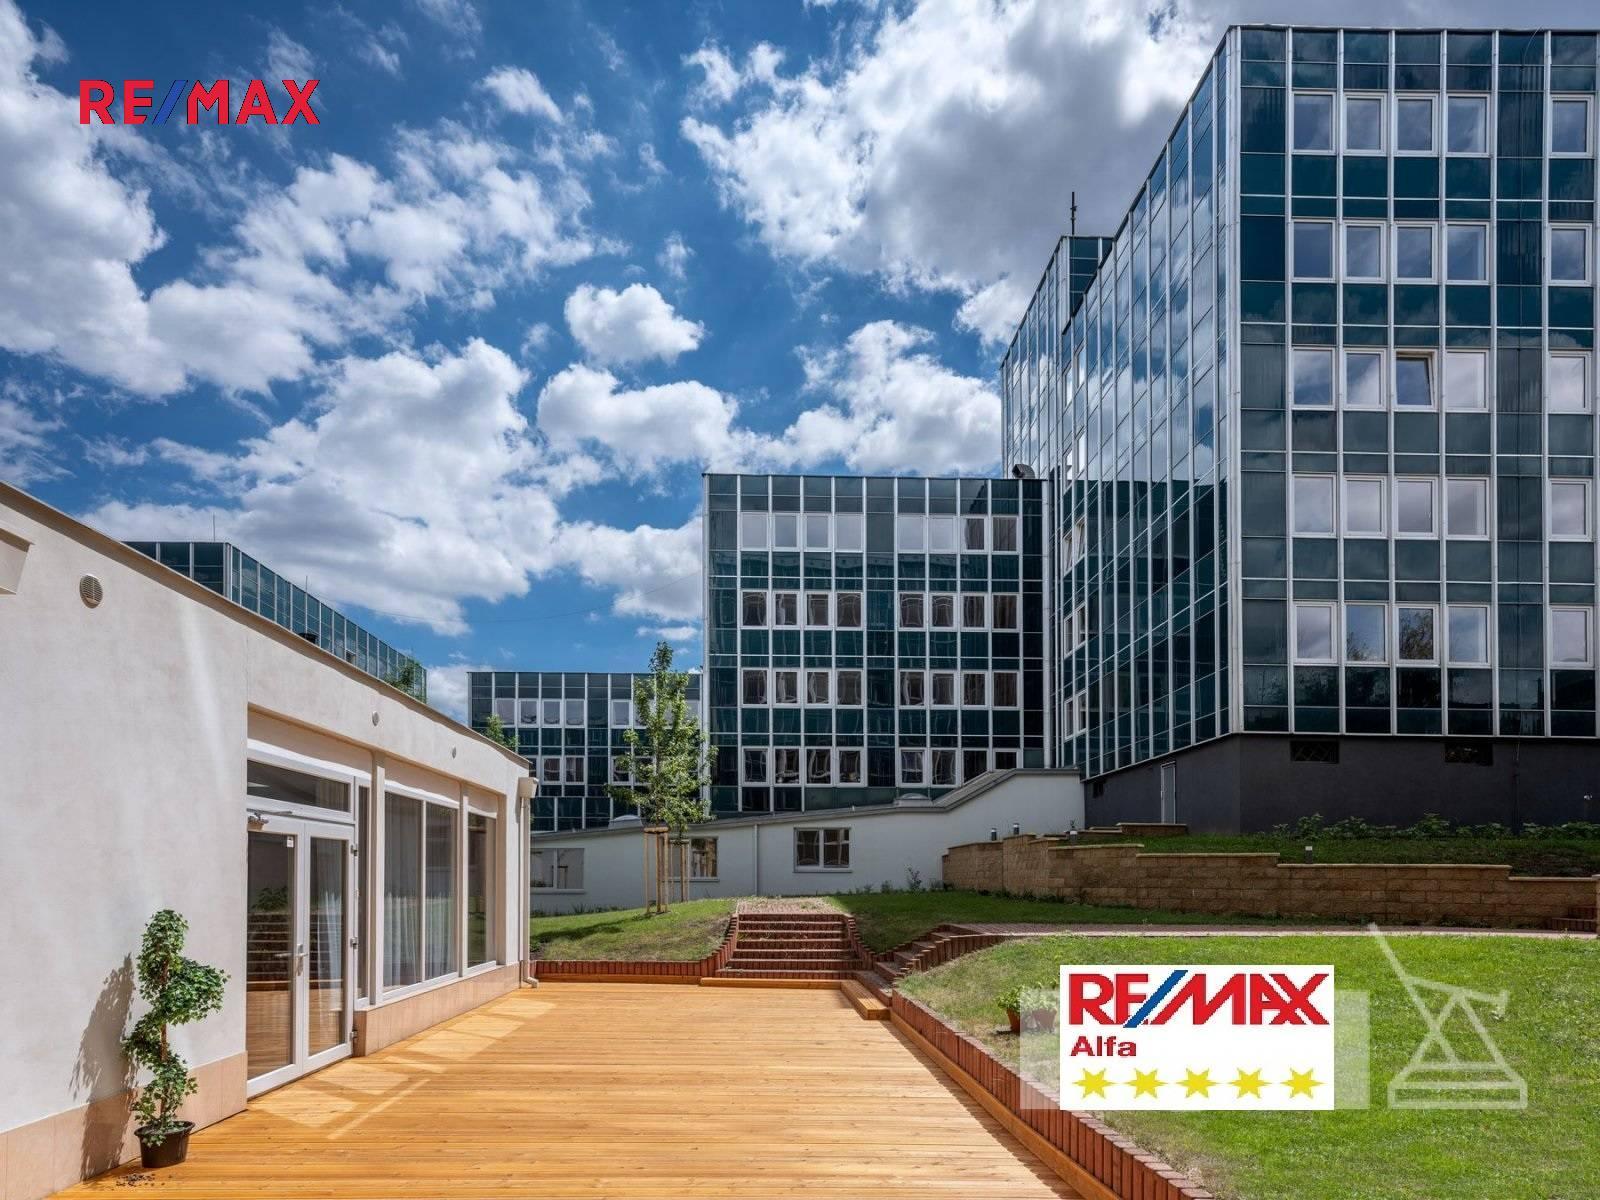 Prodej bytu 1+kk v osobním vlastnictví, 24 m2, Praha 5 - Jinonice